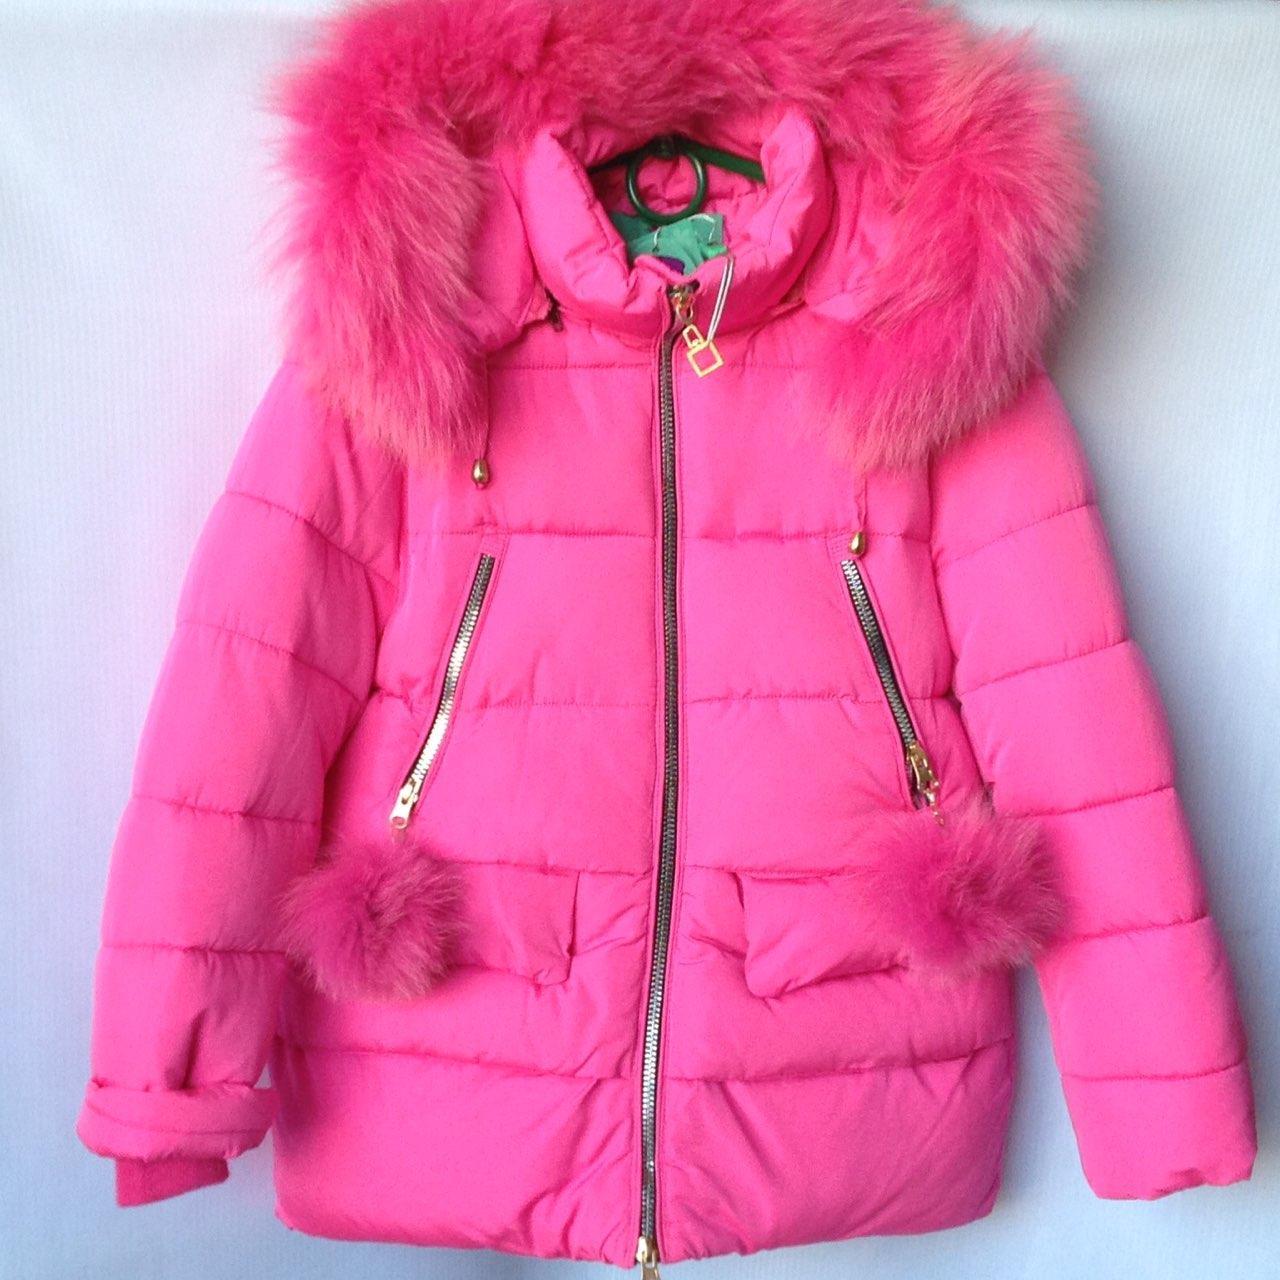 Куртка подростковая зимняя SL #HM-38 для девочек. 128-152 см (8-12 лет). Розовая. Оптом.